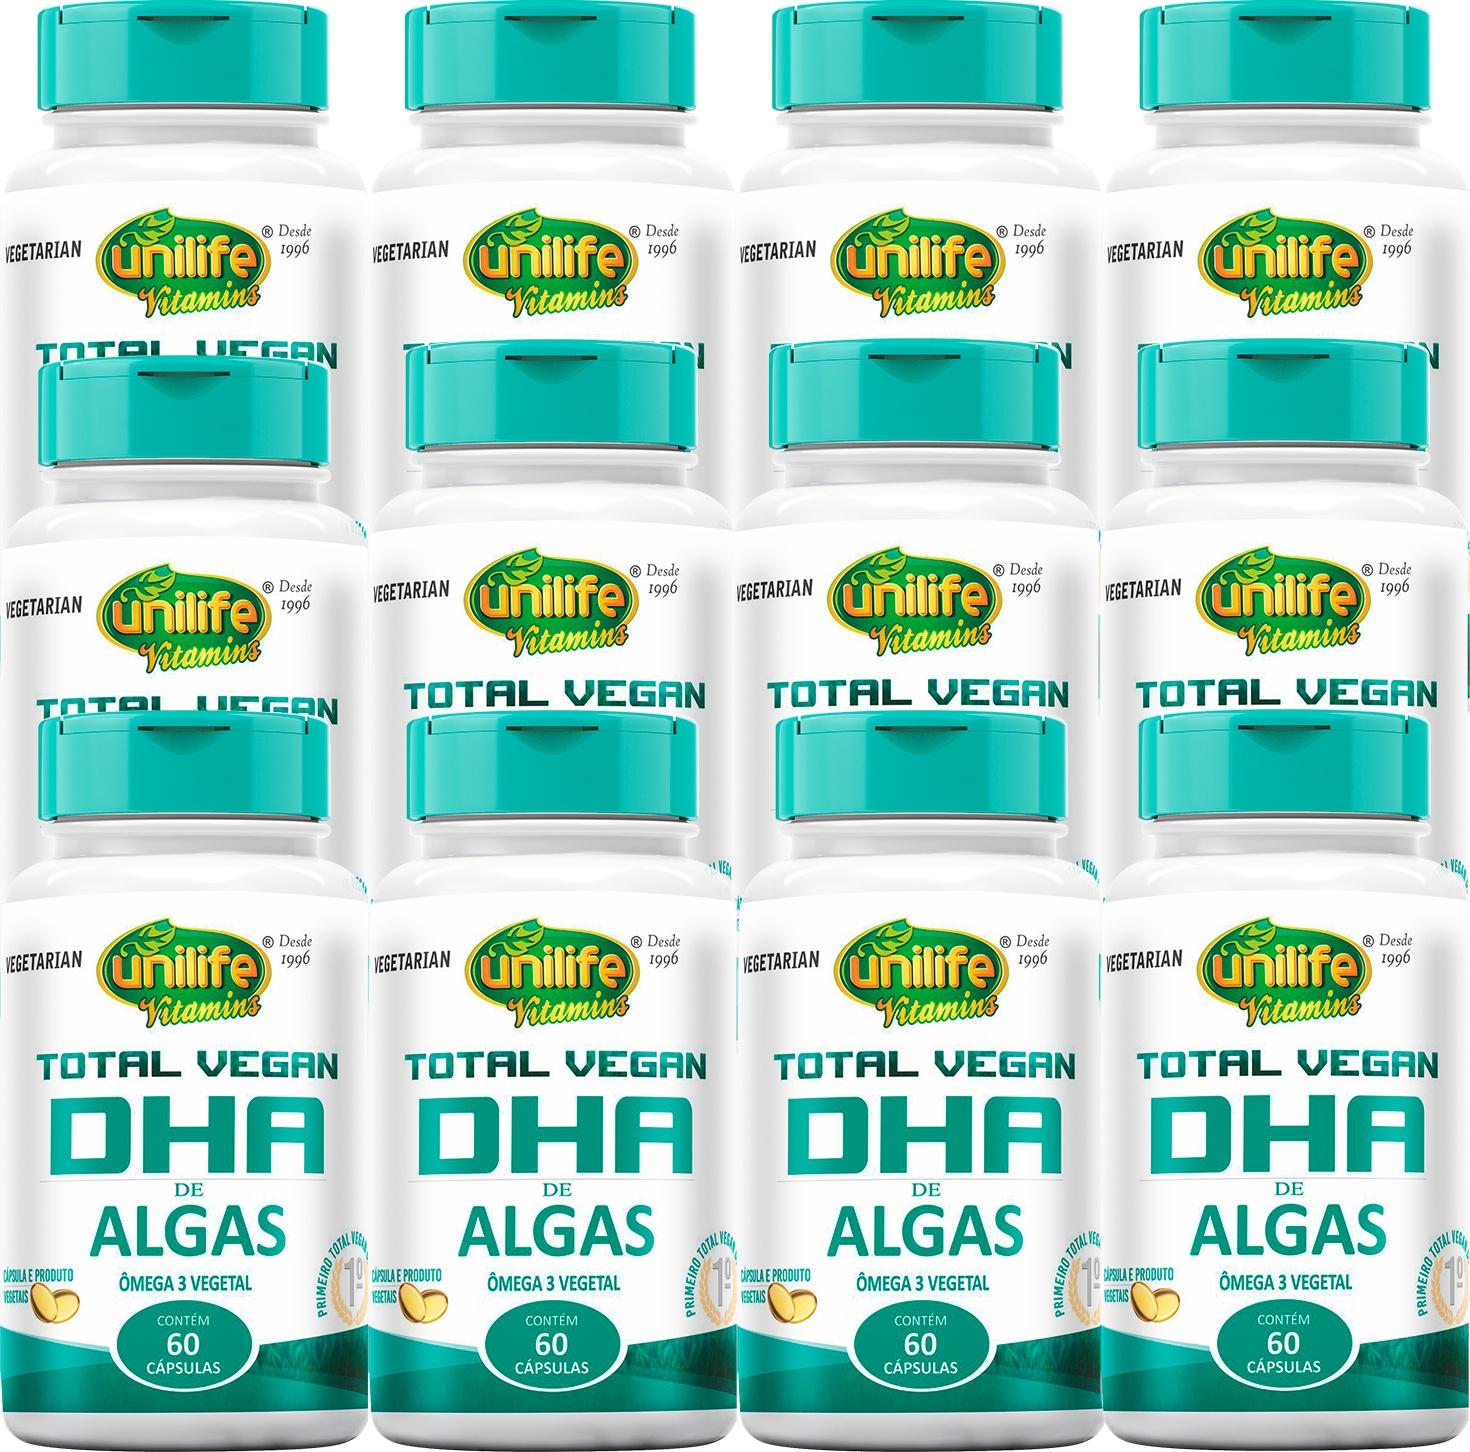 Kit 12 Un Ômega 3 DHA De Algas 100% Vegano 700 mg 720 Caps